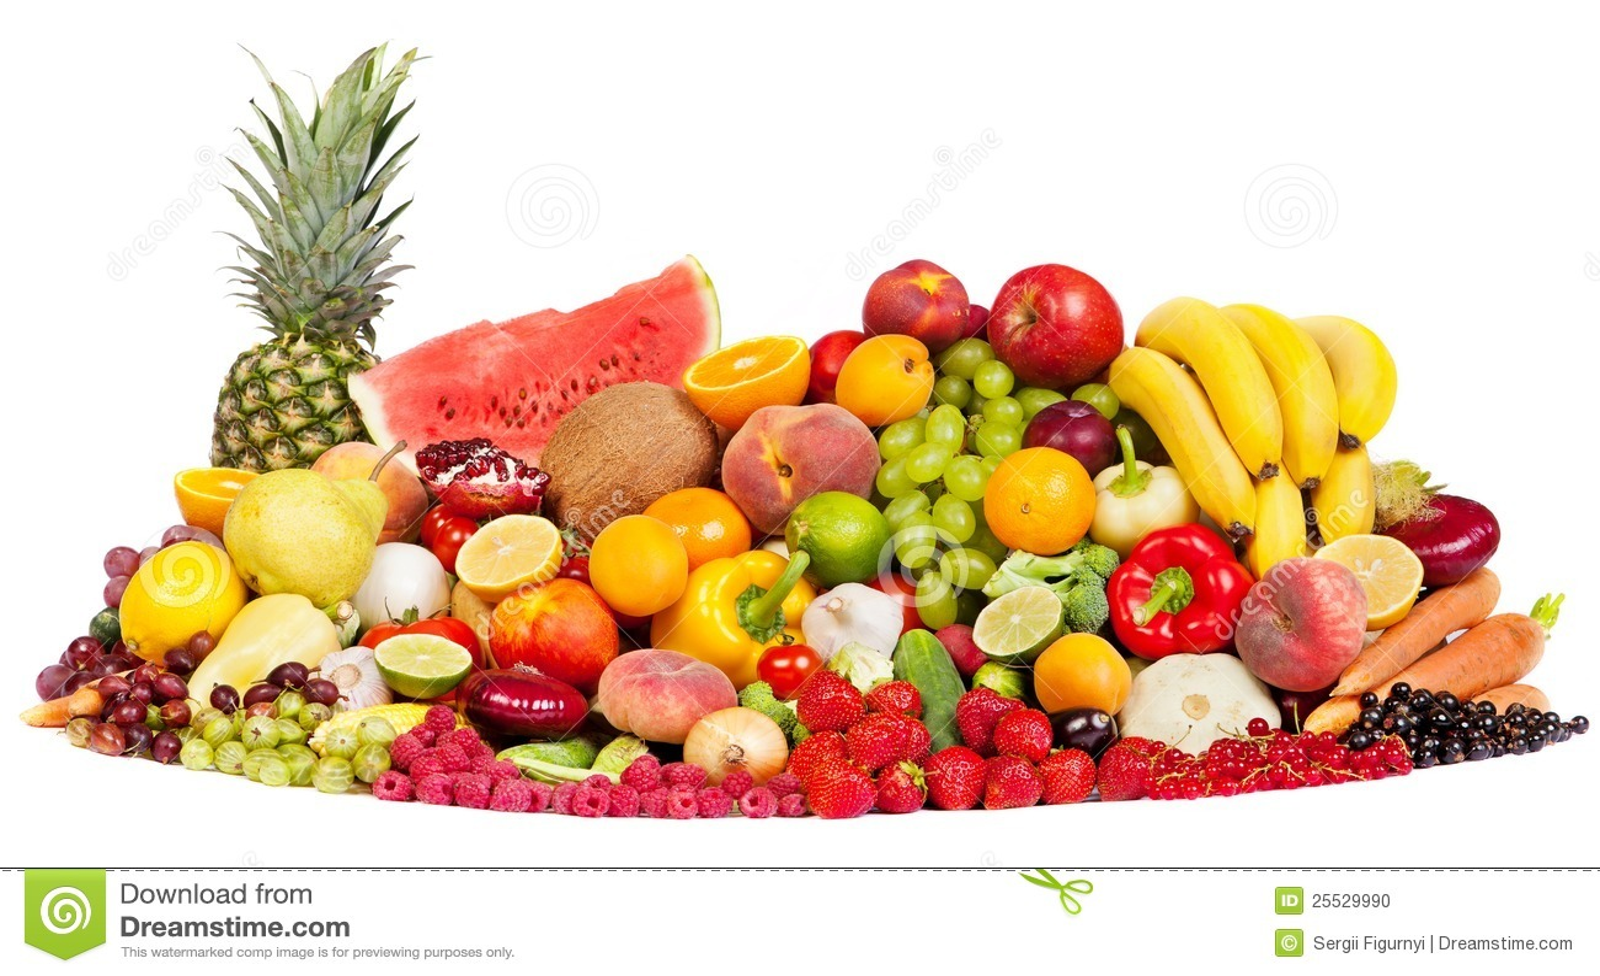 La máquina de la fruta tokens nome-32415